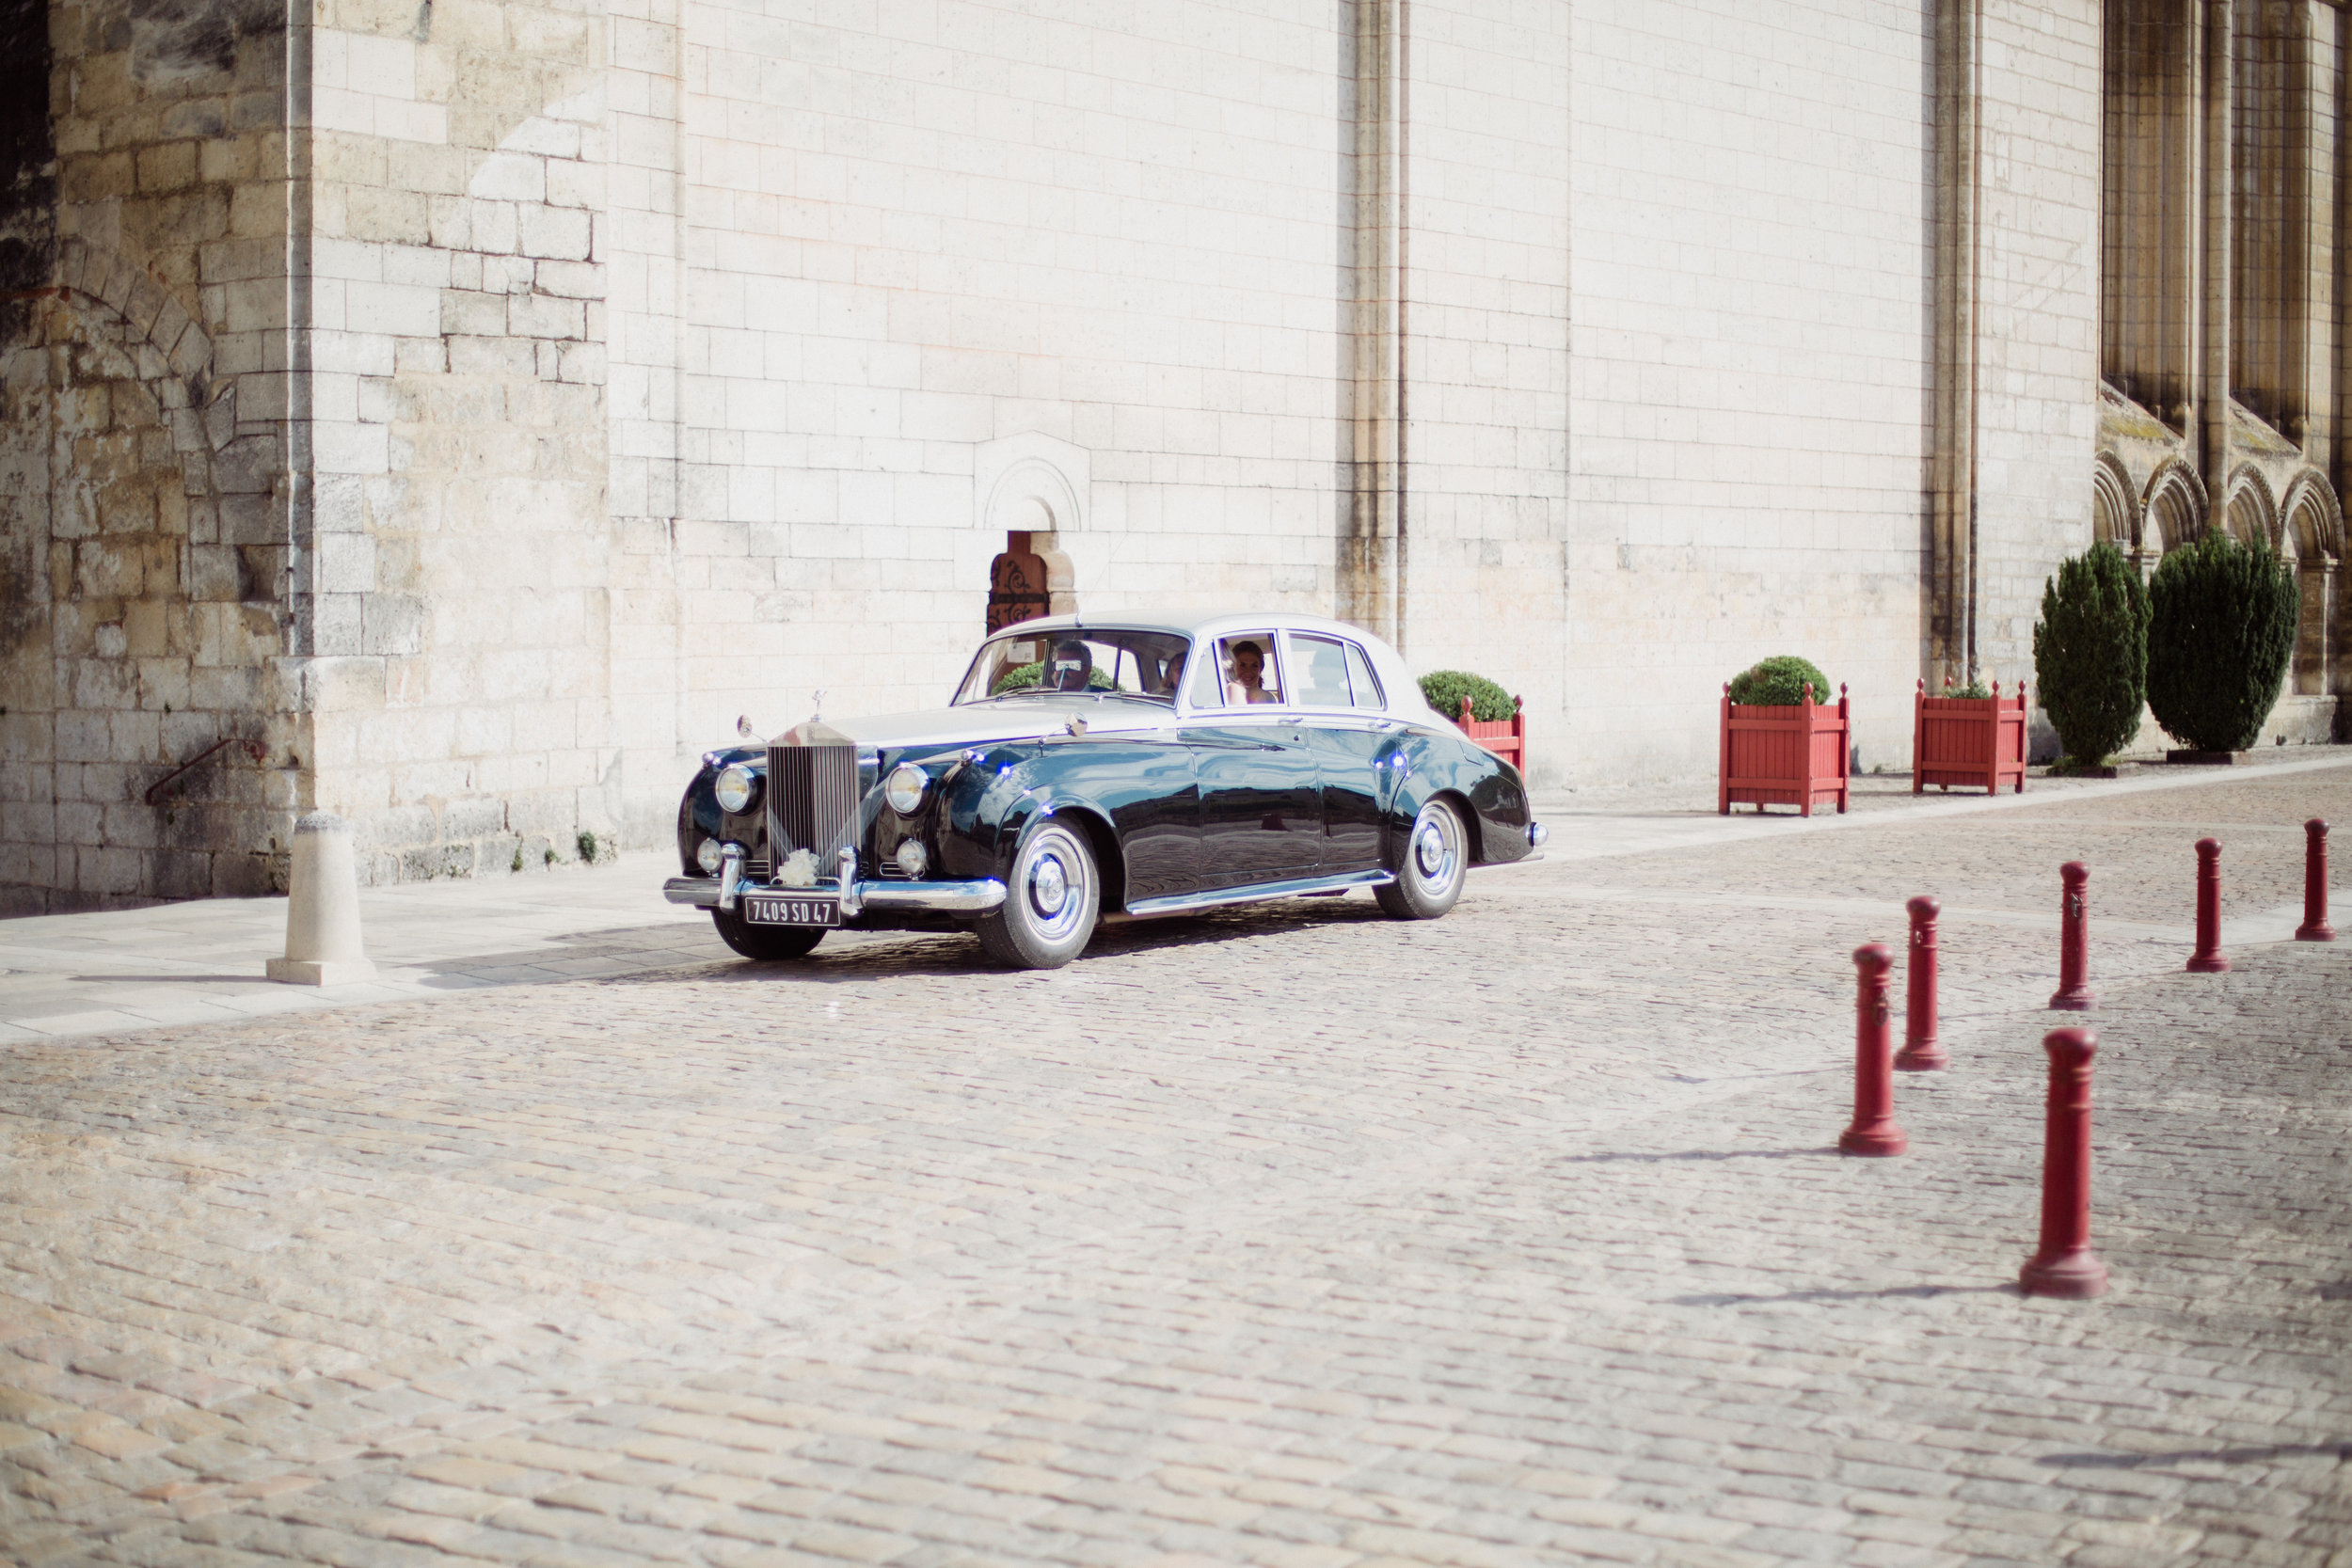 Mariage Voiture Rolls Royce Dordogne Périgord Restaurant Moulin de l'Abbaye Brantome Photographe Pauline Maroussia P Bordeaux